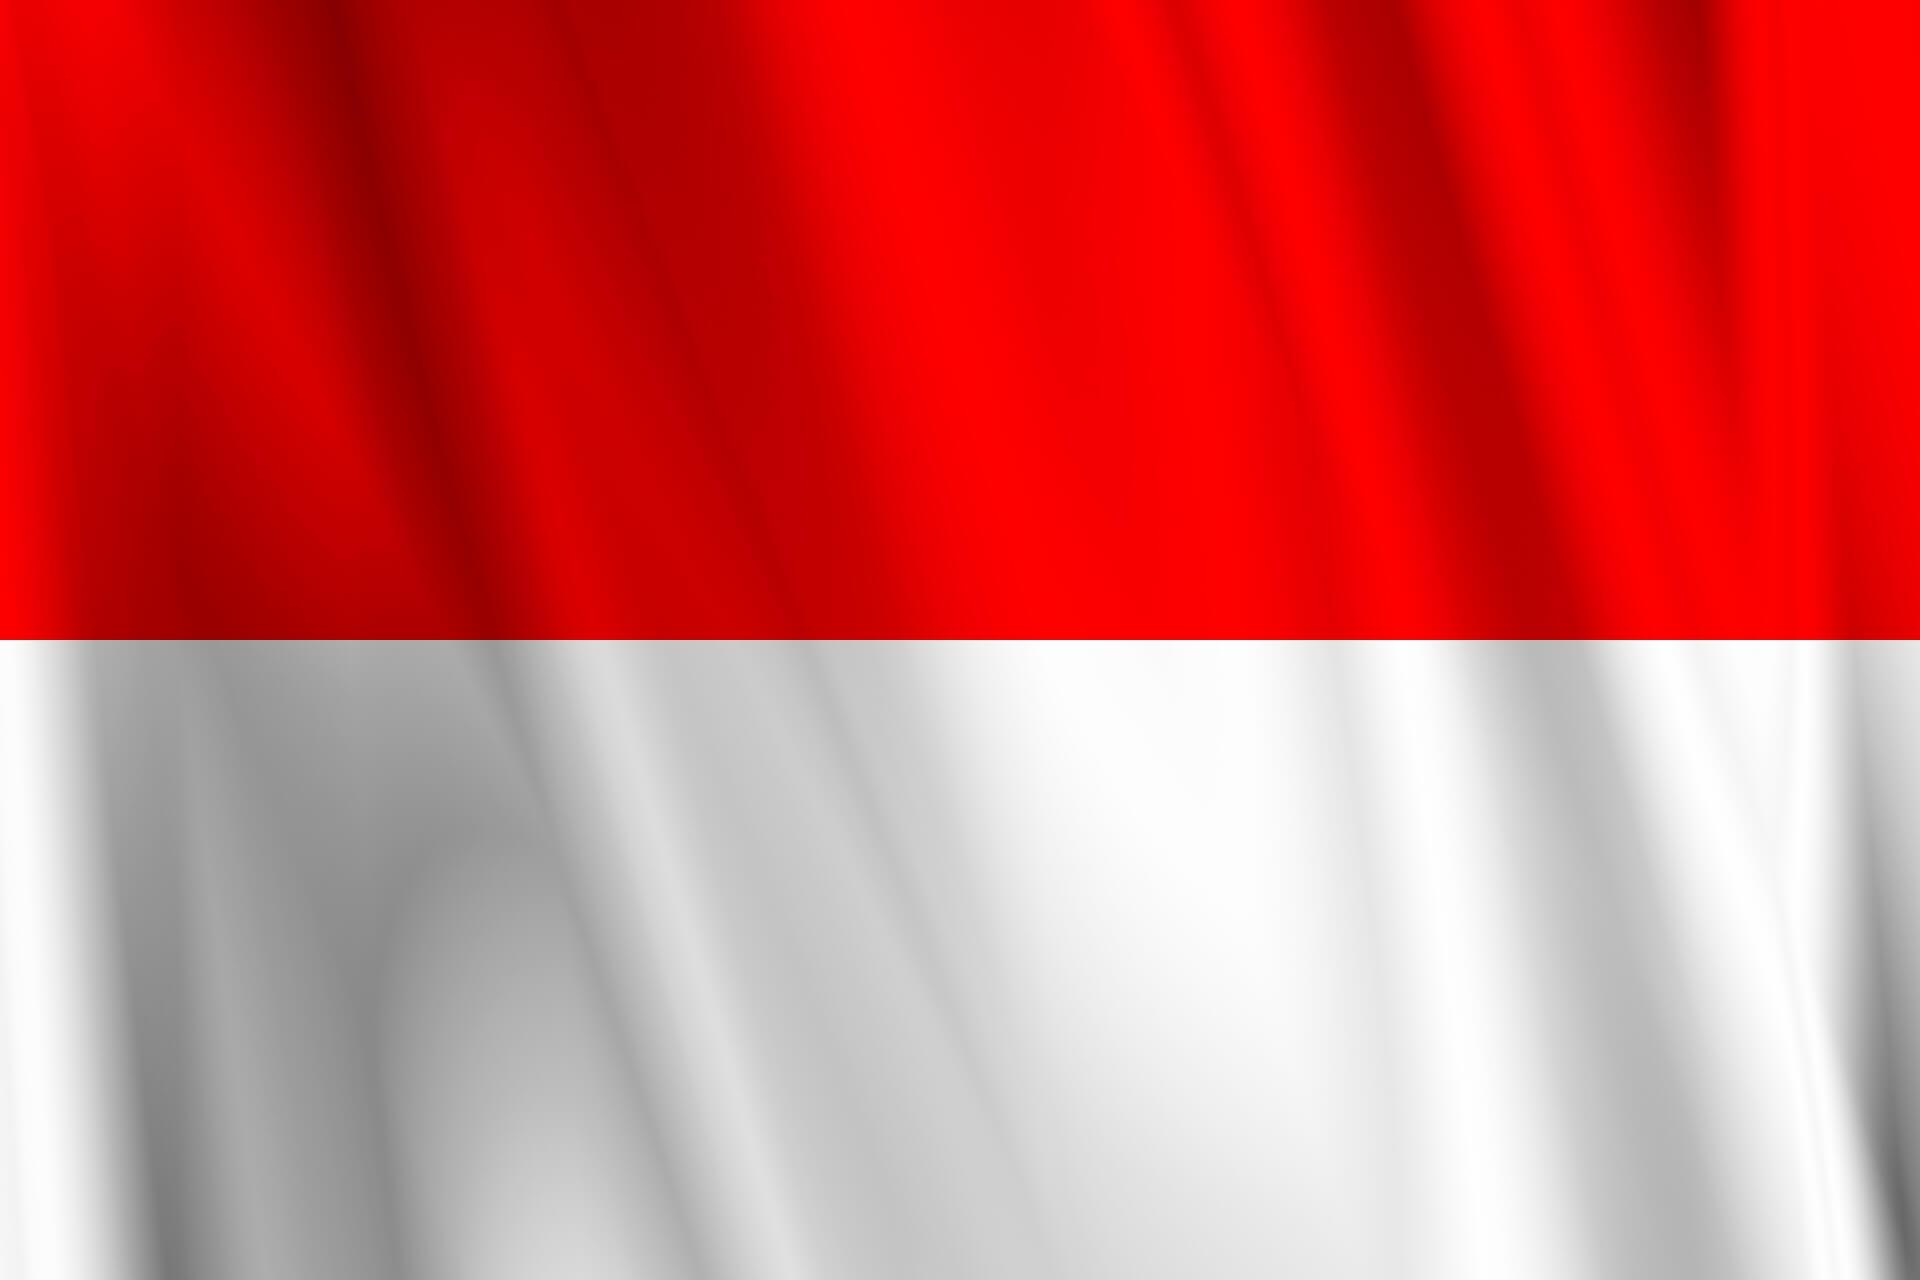 インドネシア:リジック氏の看板、軍が撤去